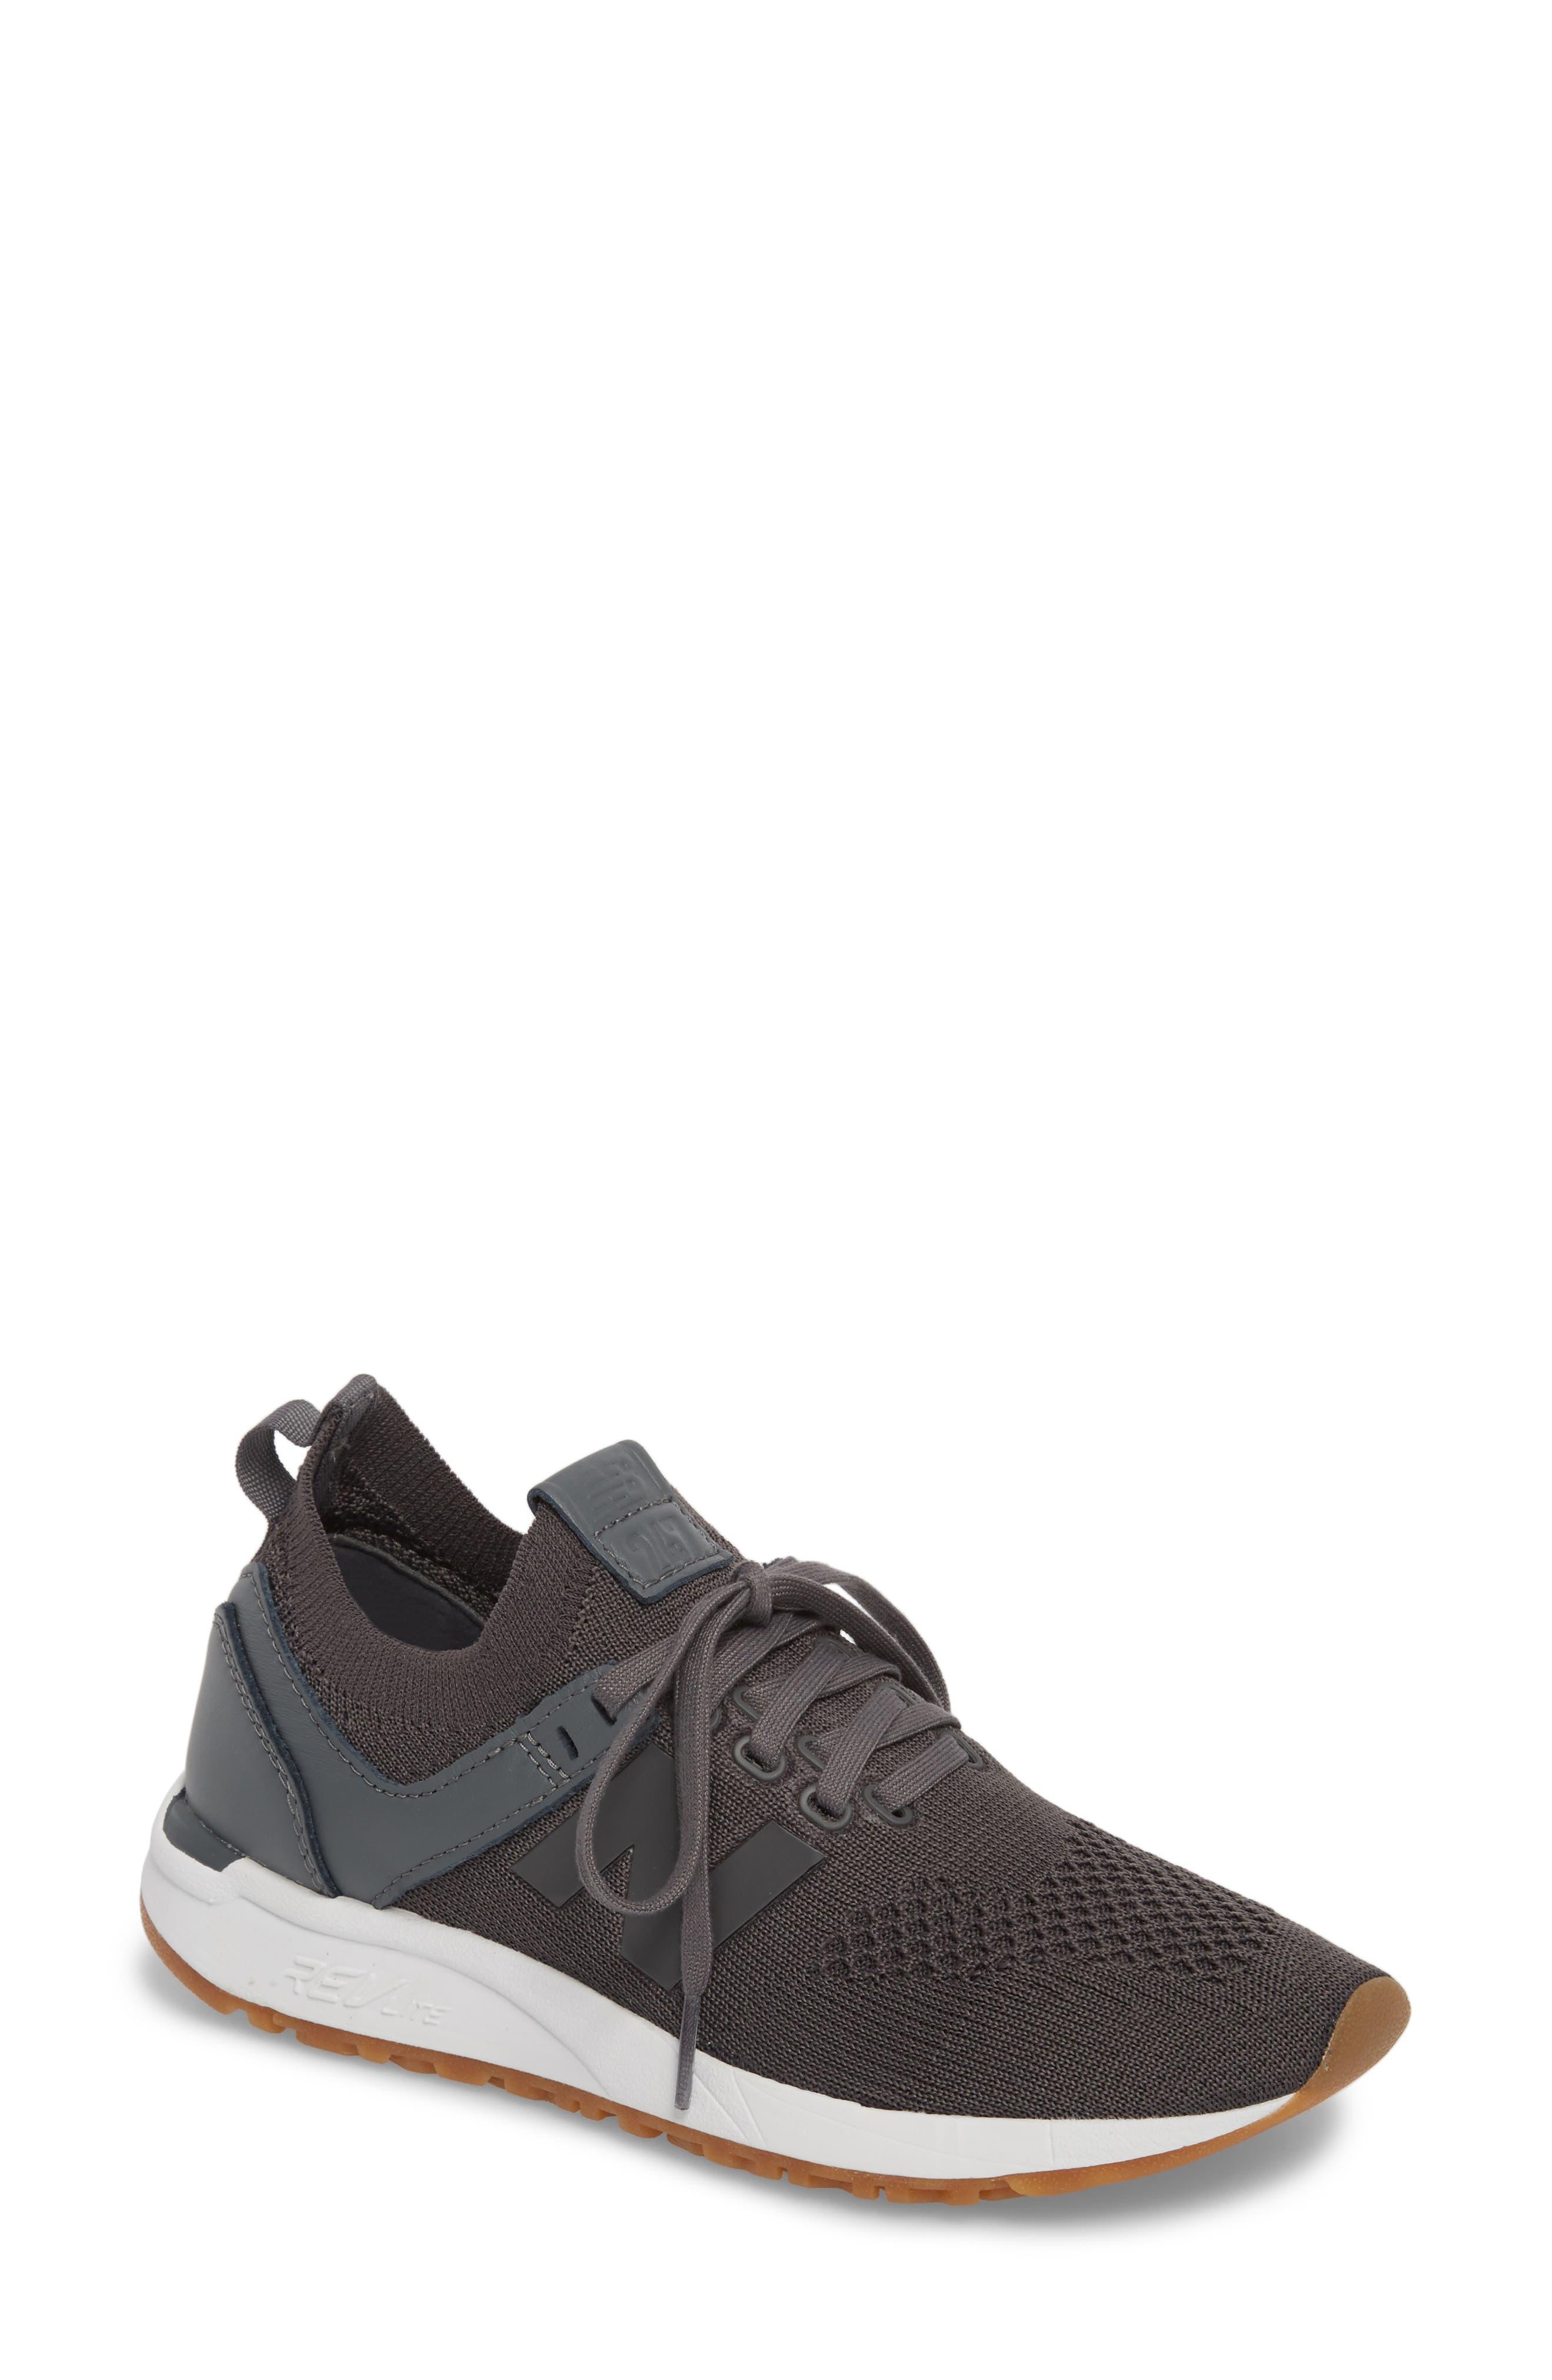 247 Decon Knit Sneaker,                             Main thumbnail 1, color,                             030